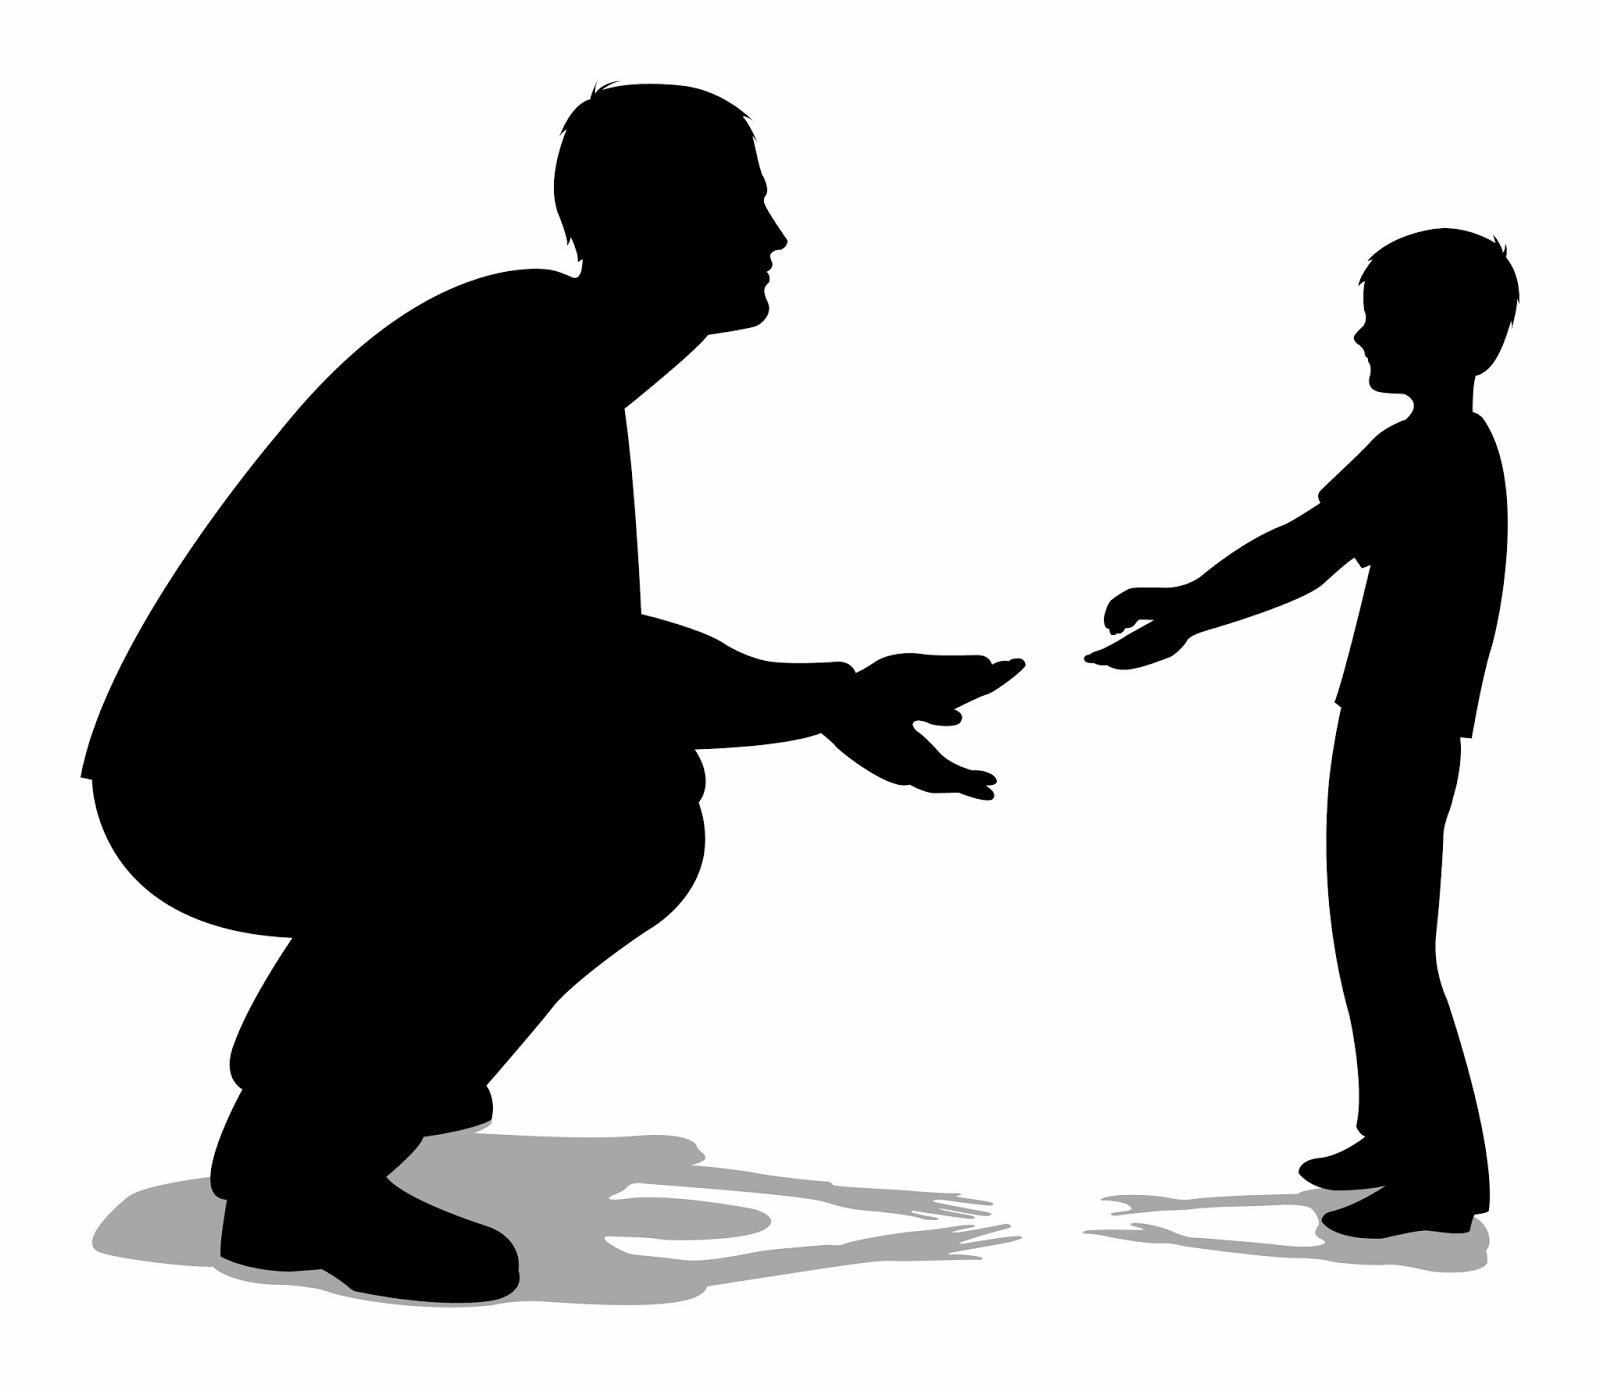 ΜΠΑΜΠΑ ΕΛΑ Επτά Συμβουλές για να αντιμετωπίσετε την Γονική Αποξένωση